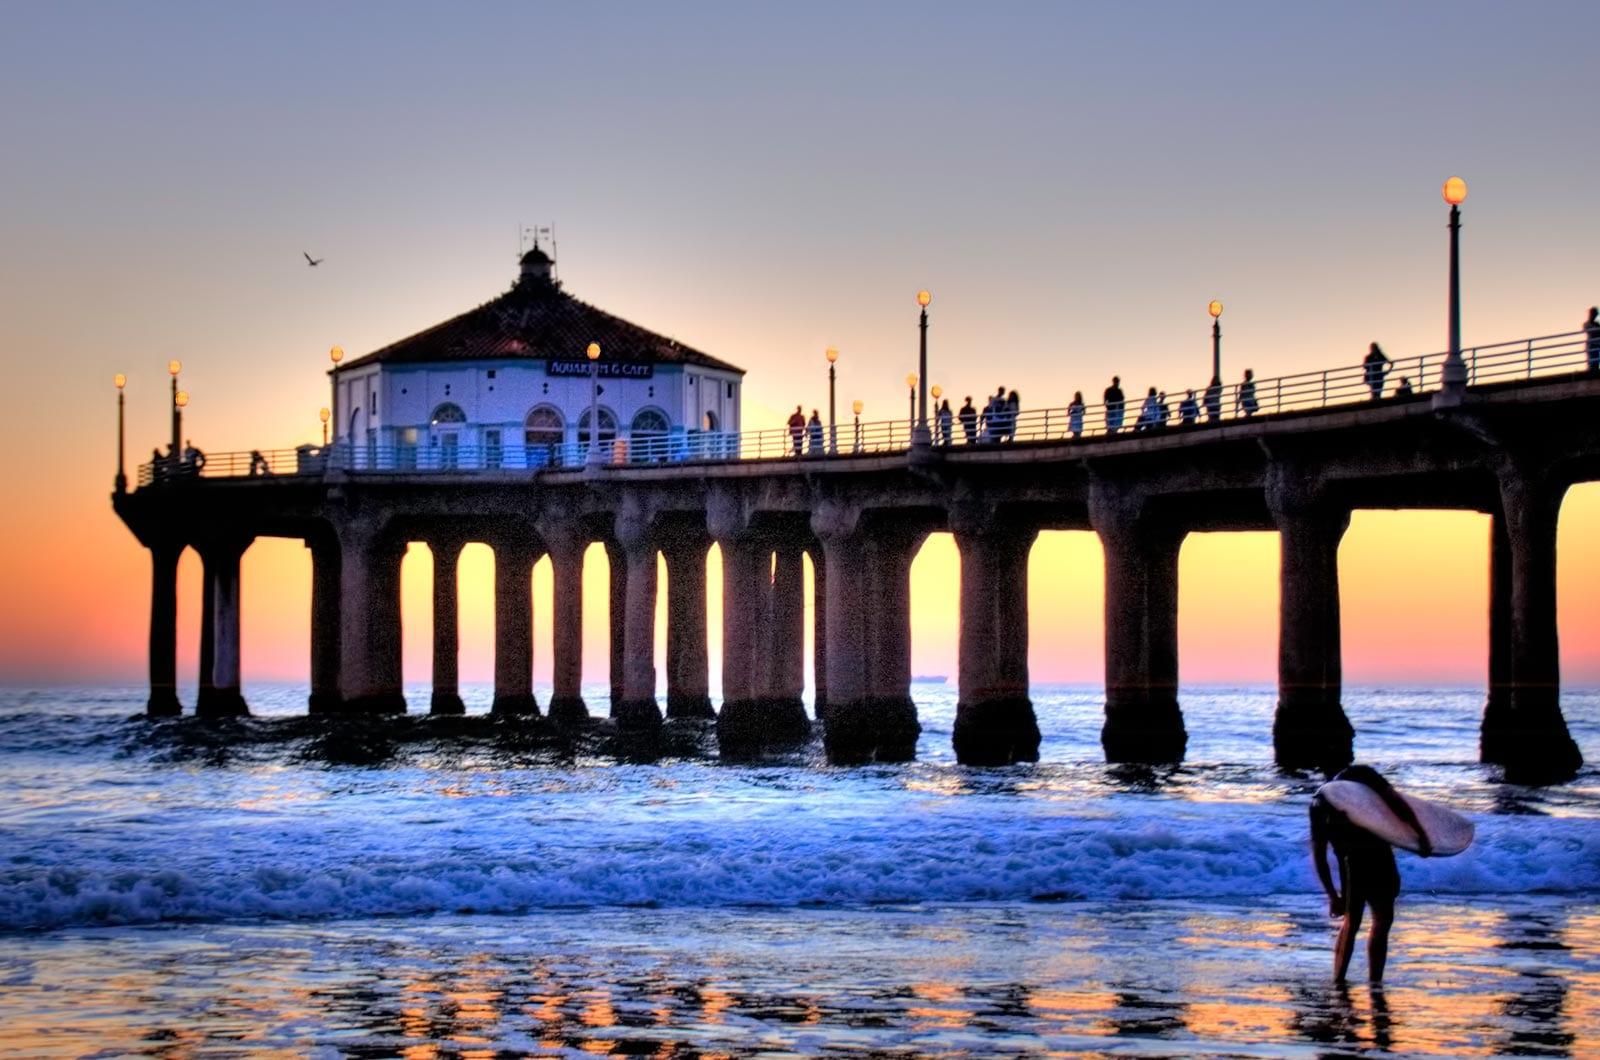 Manhattan-Beach-Featured-Image | Manhattan Beach Virtual Tour Photographer | Manhattan Beach HDR Real Estate Photography Services